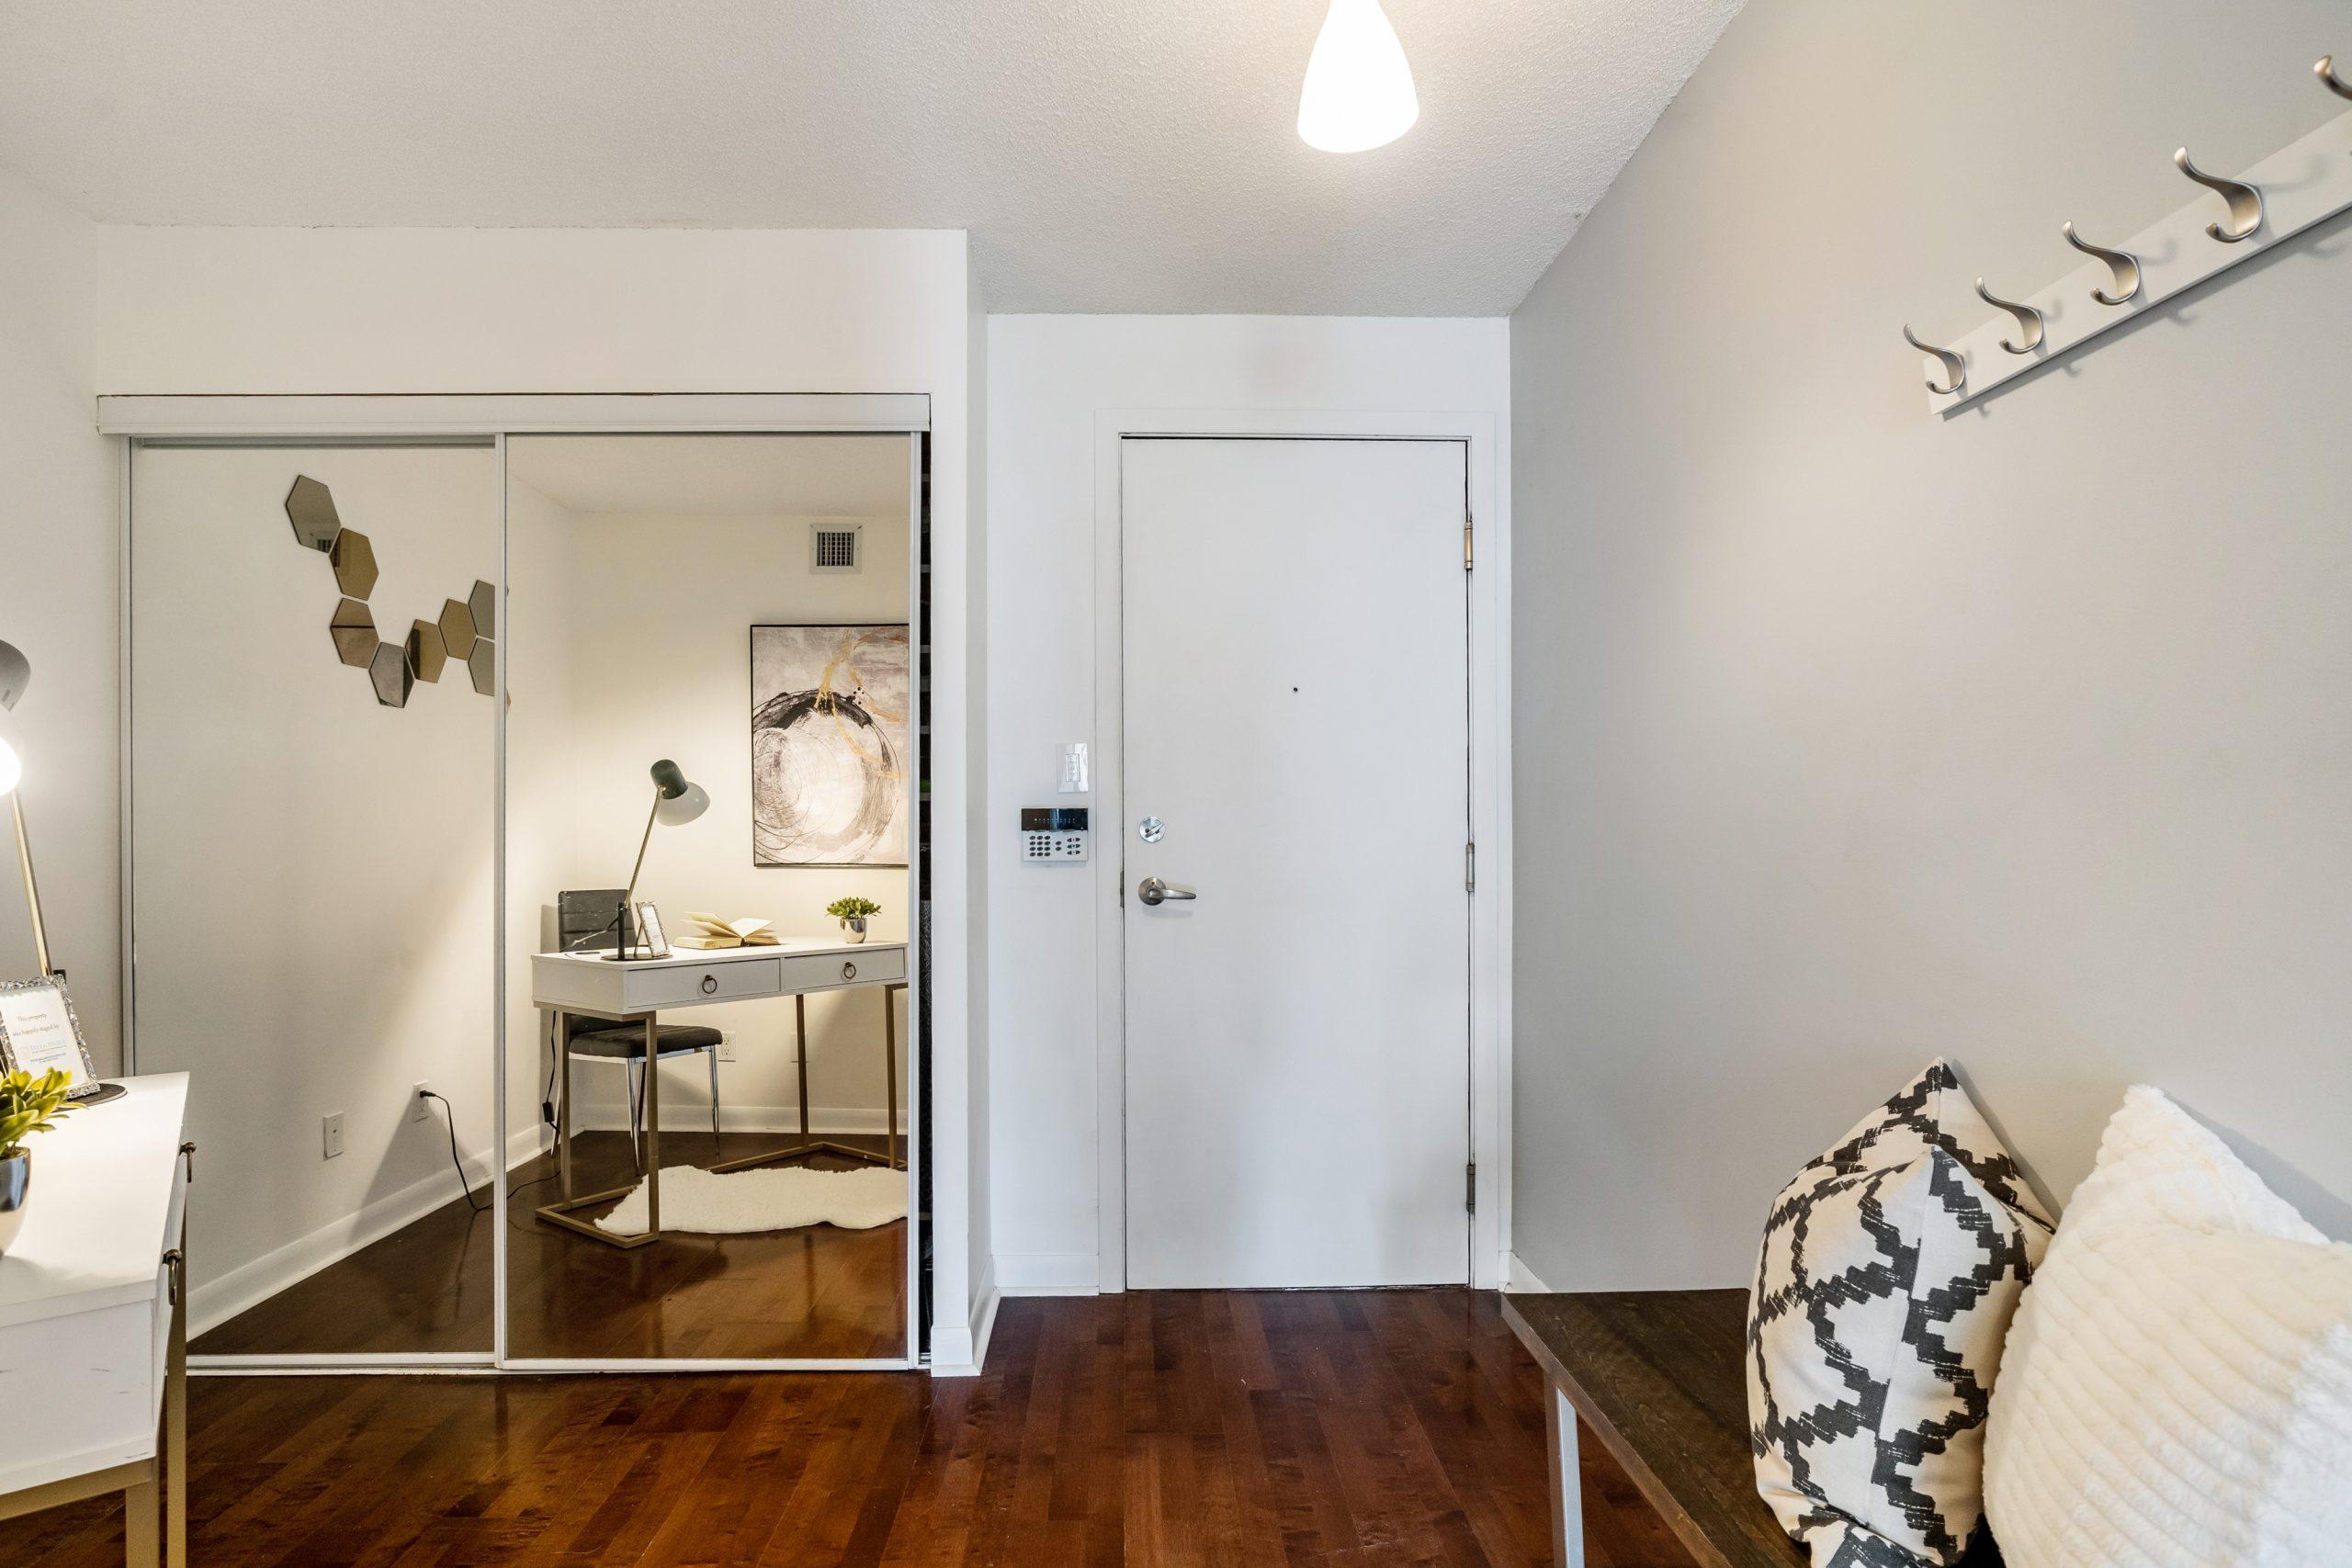 BRIGHT AND SPACIOUS 1 BEDROOM+DEN TRIDEL-BUILT TORONTO CONDO